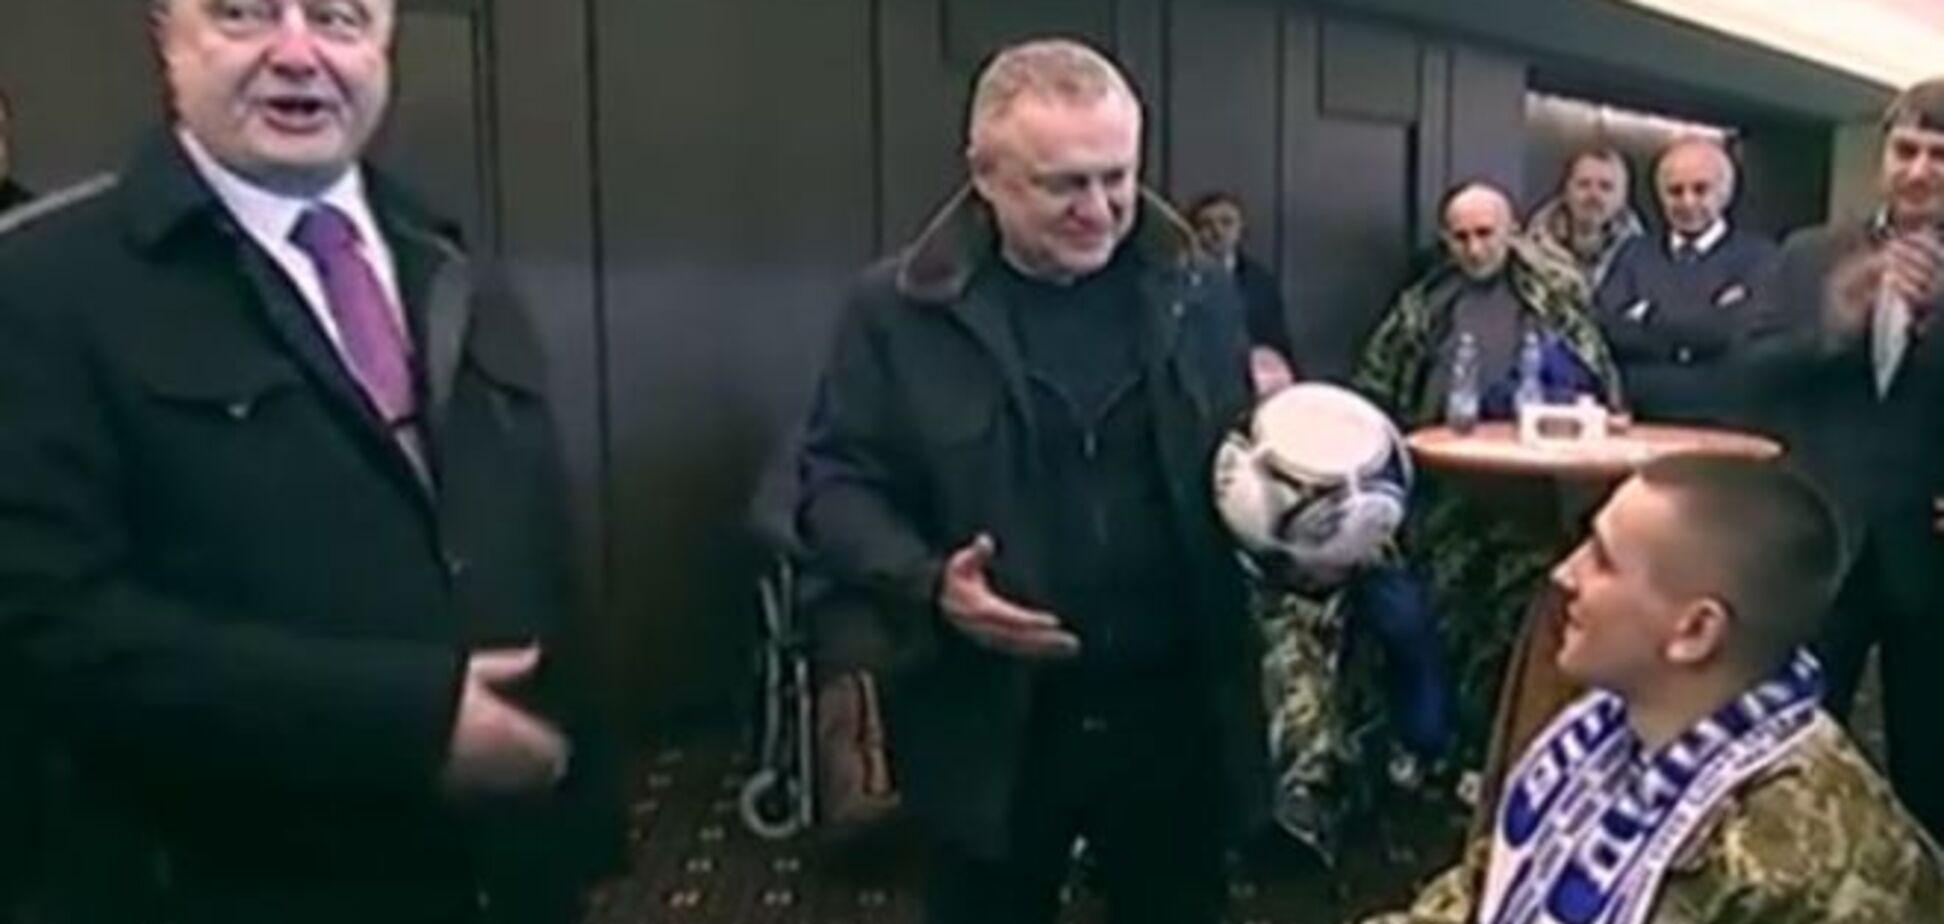 РосСМІ поширили фейк про м'яч від Порошенка для безногого бійця